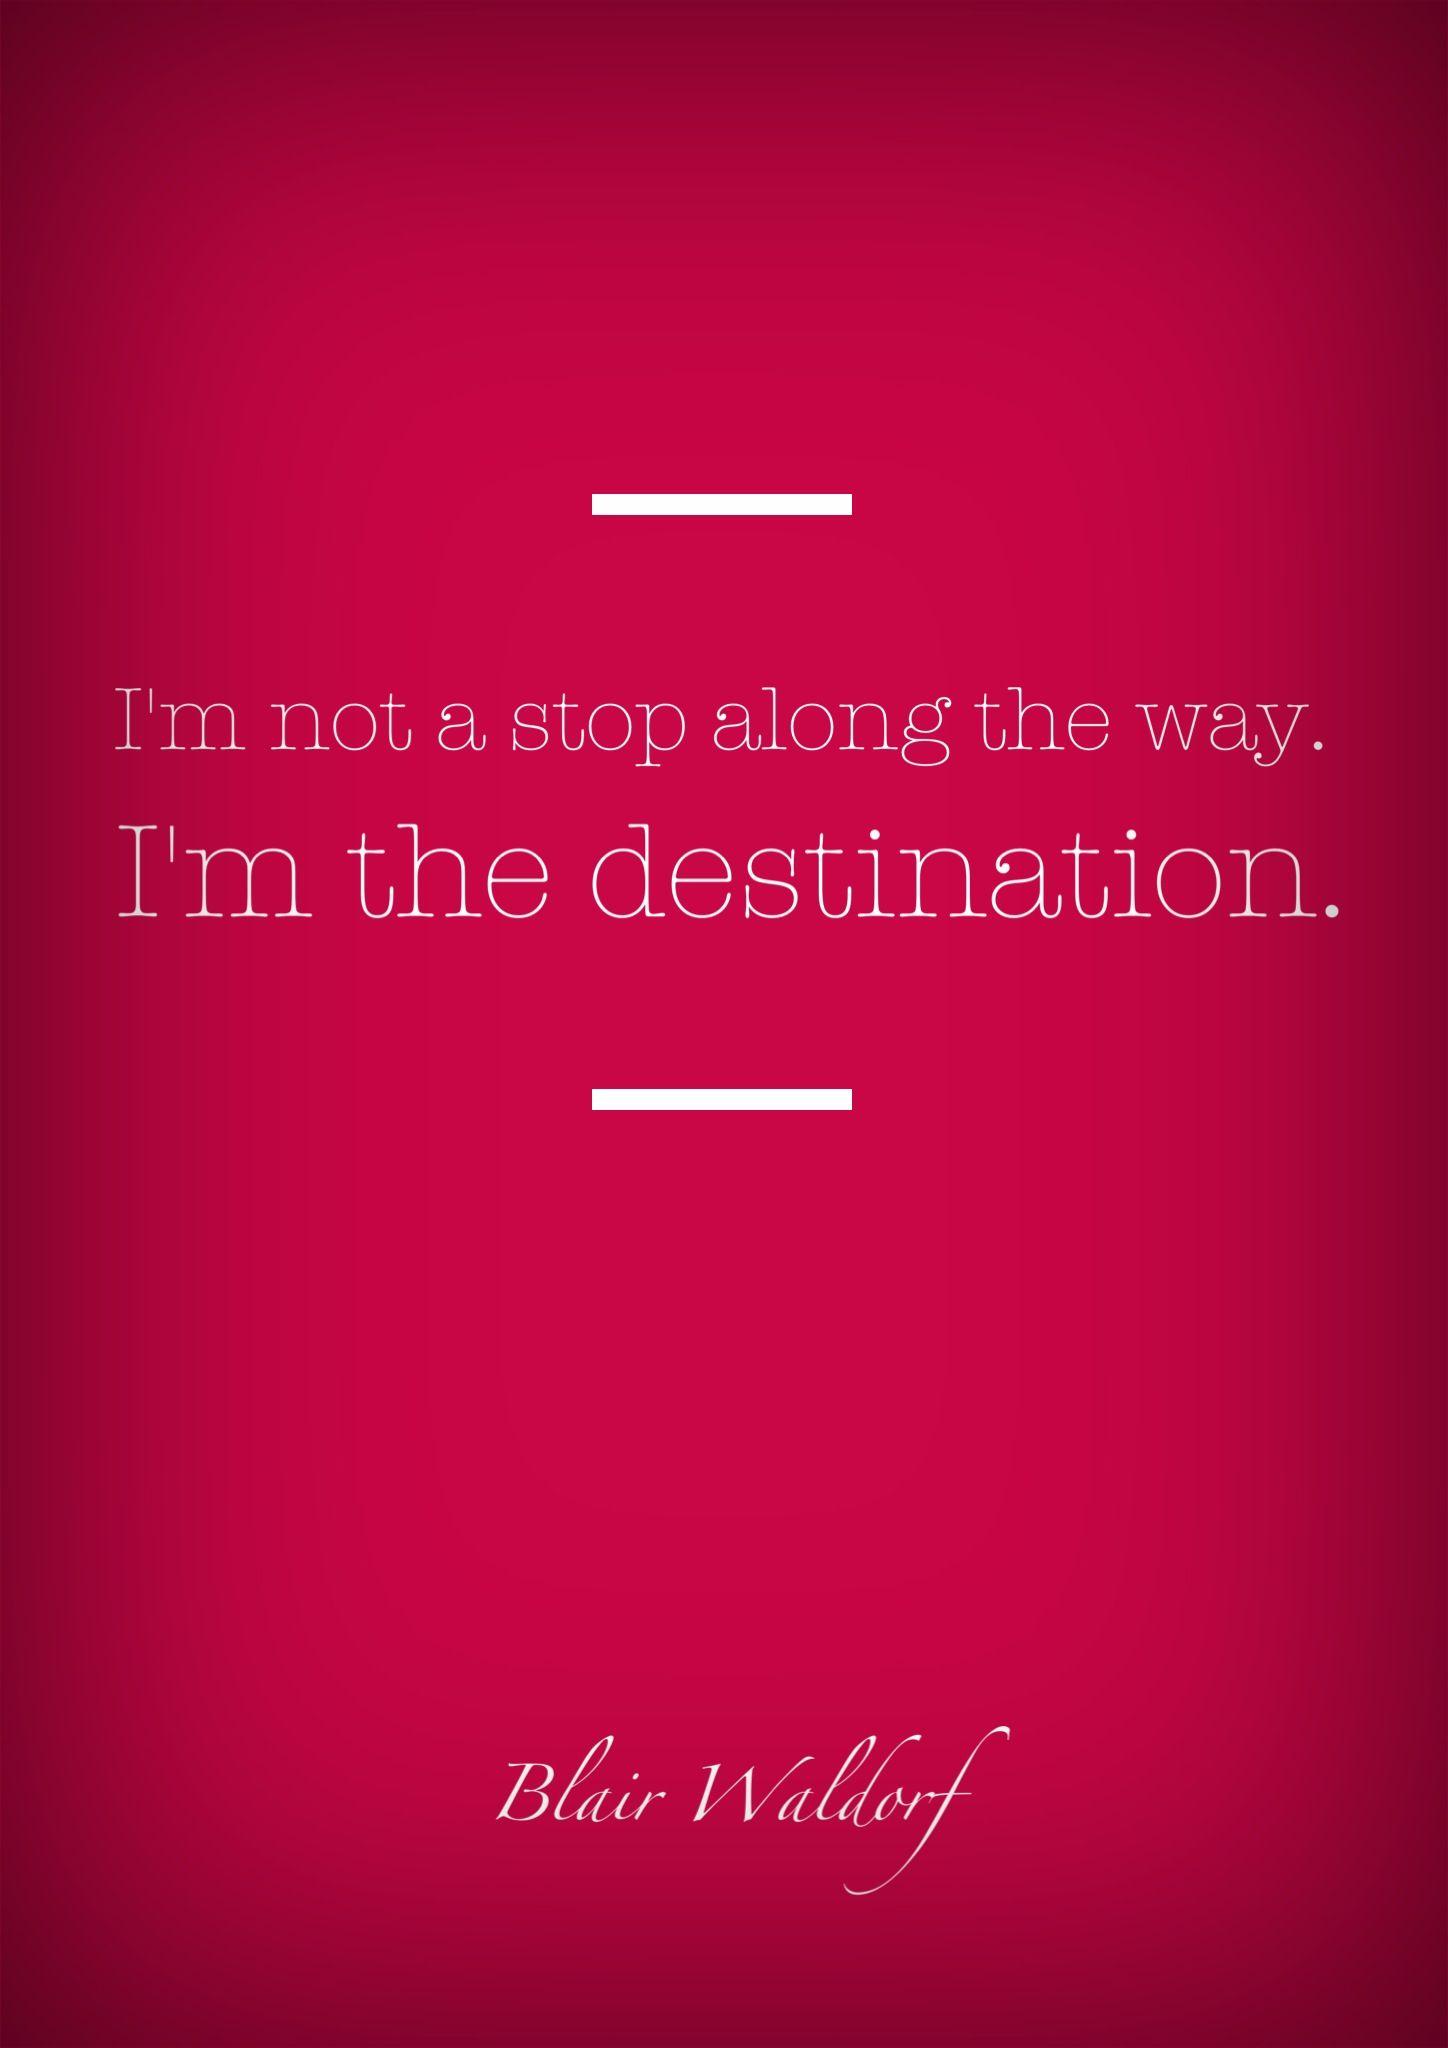 Non sono una fermata lungo la strada, sono la destinazione. - Blair Waldorf